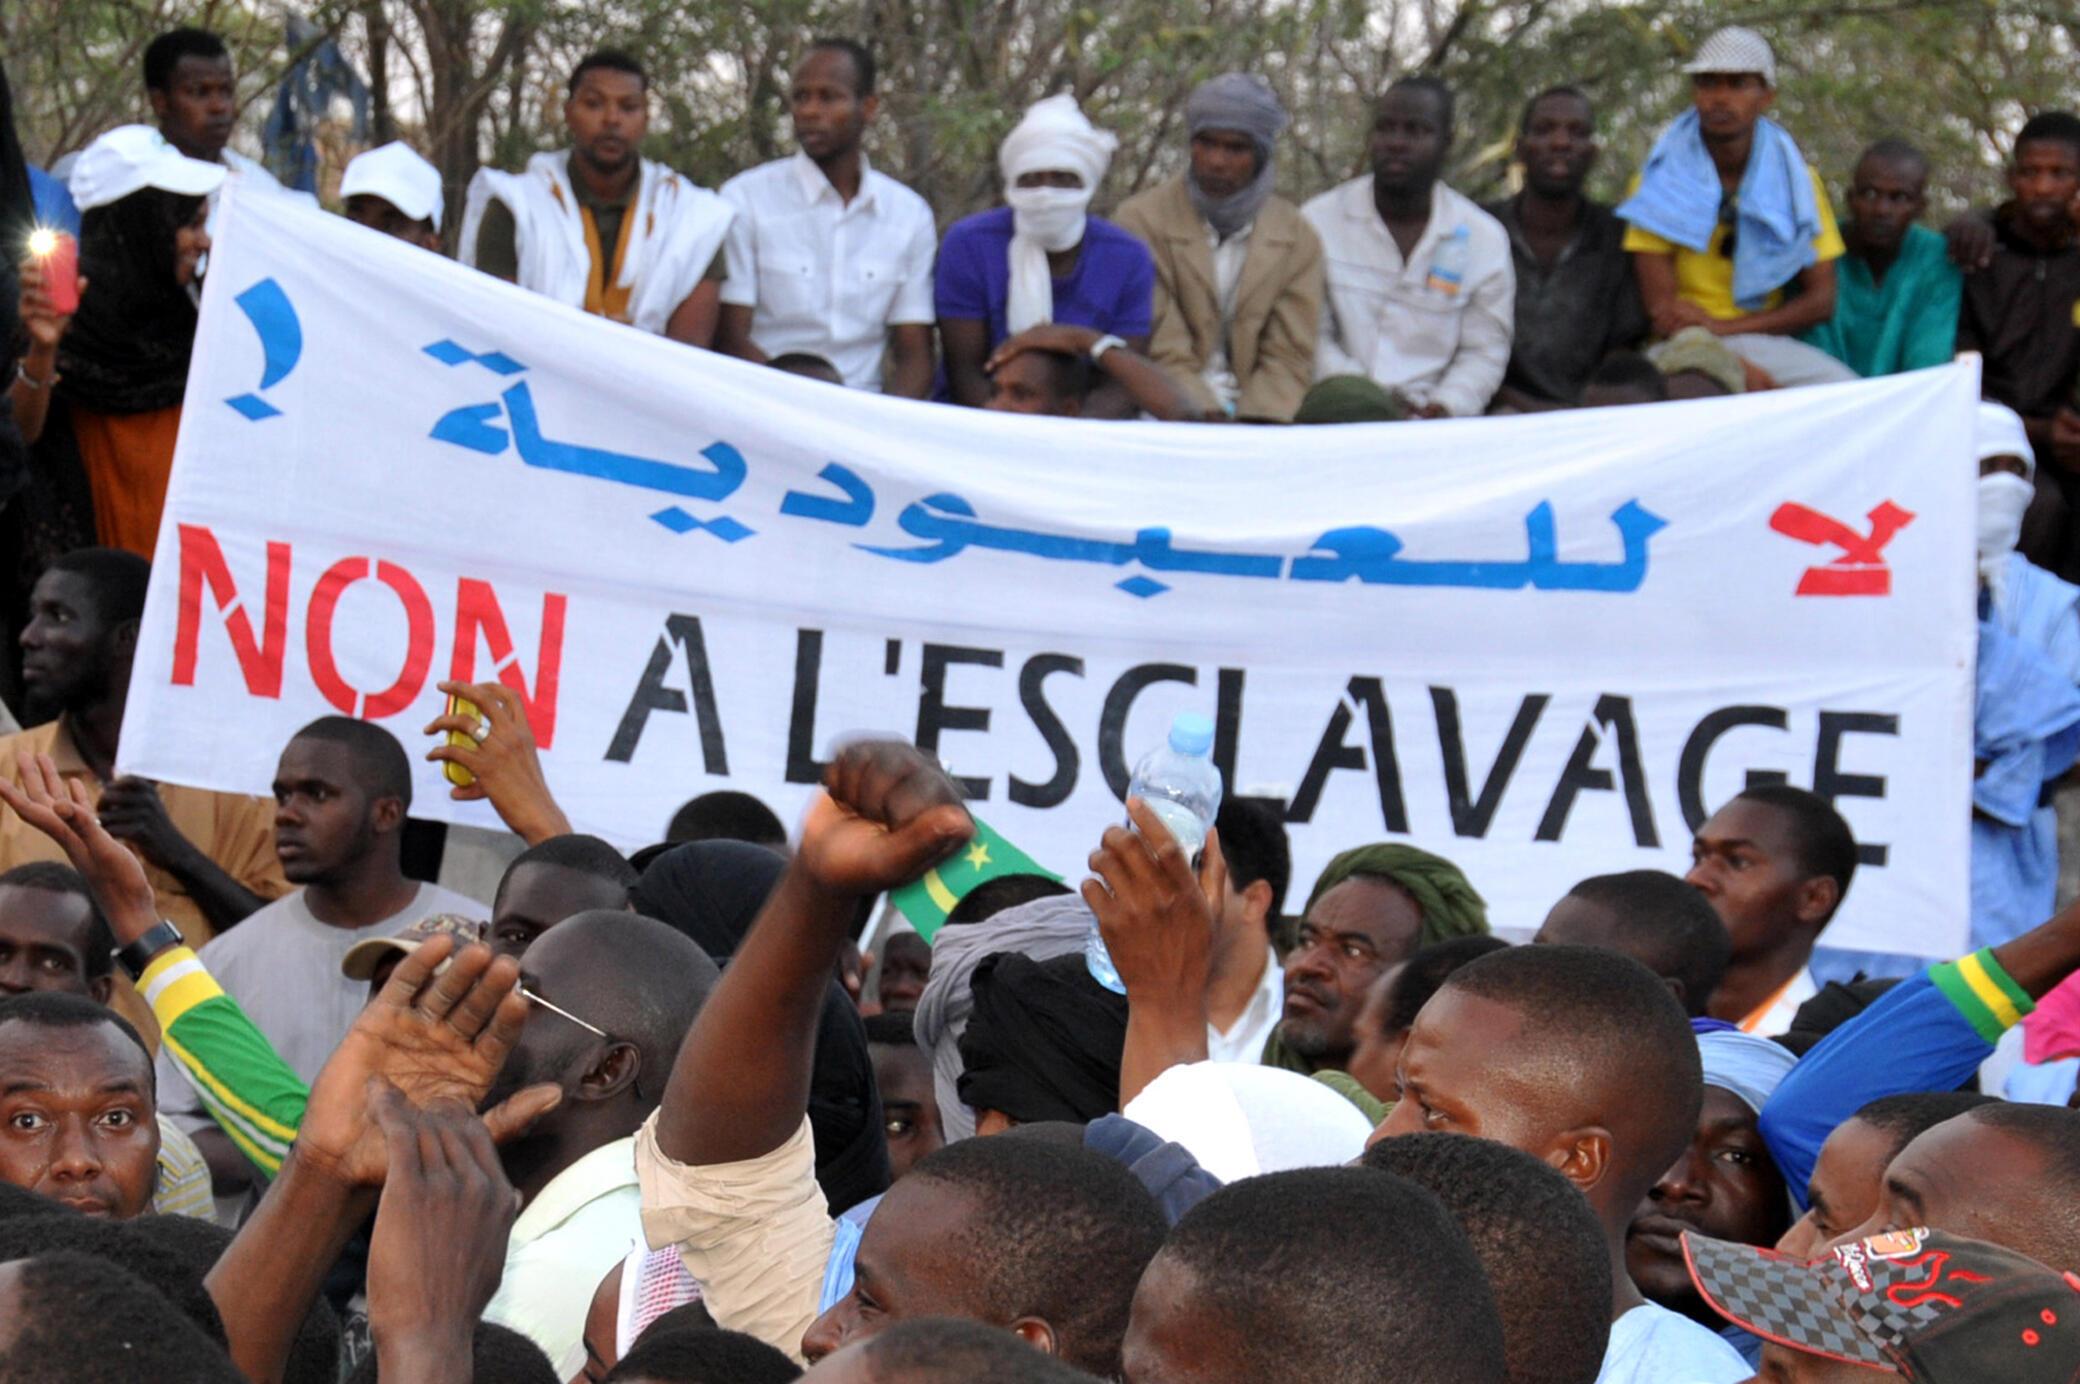 Une manifestation contre l'esclavage et la discrimination à Nouakchott en 2015.